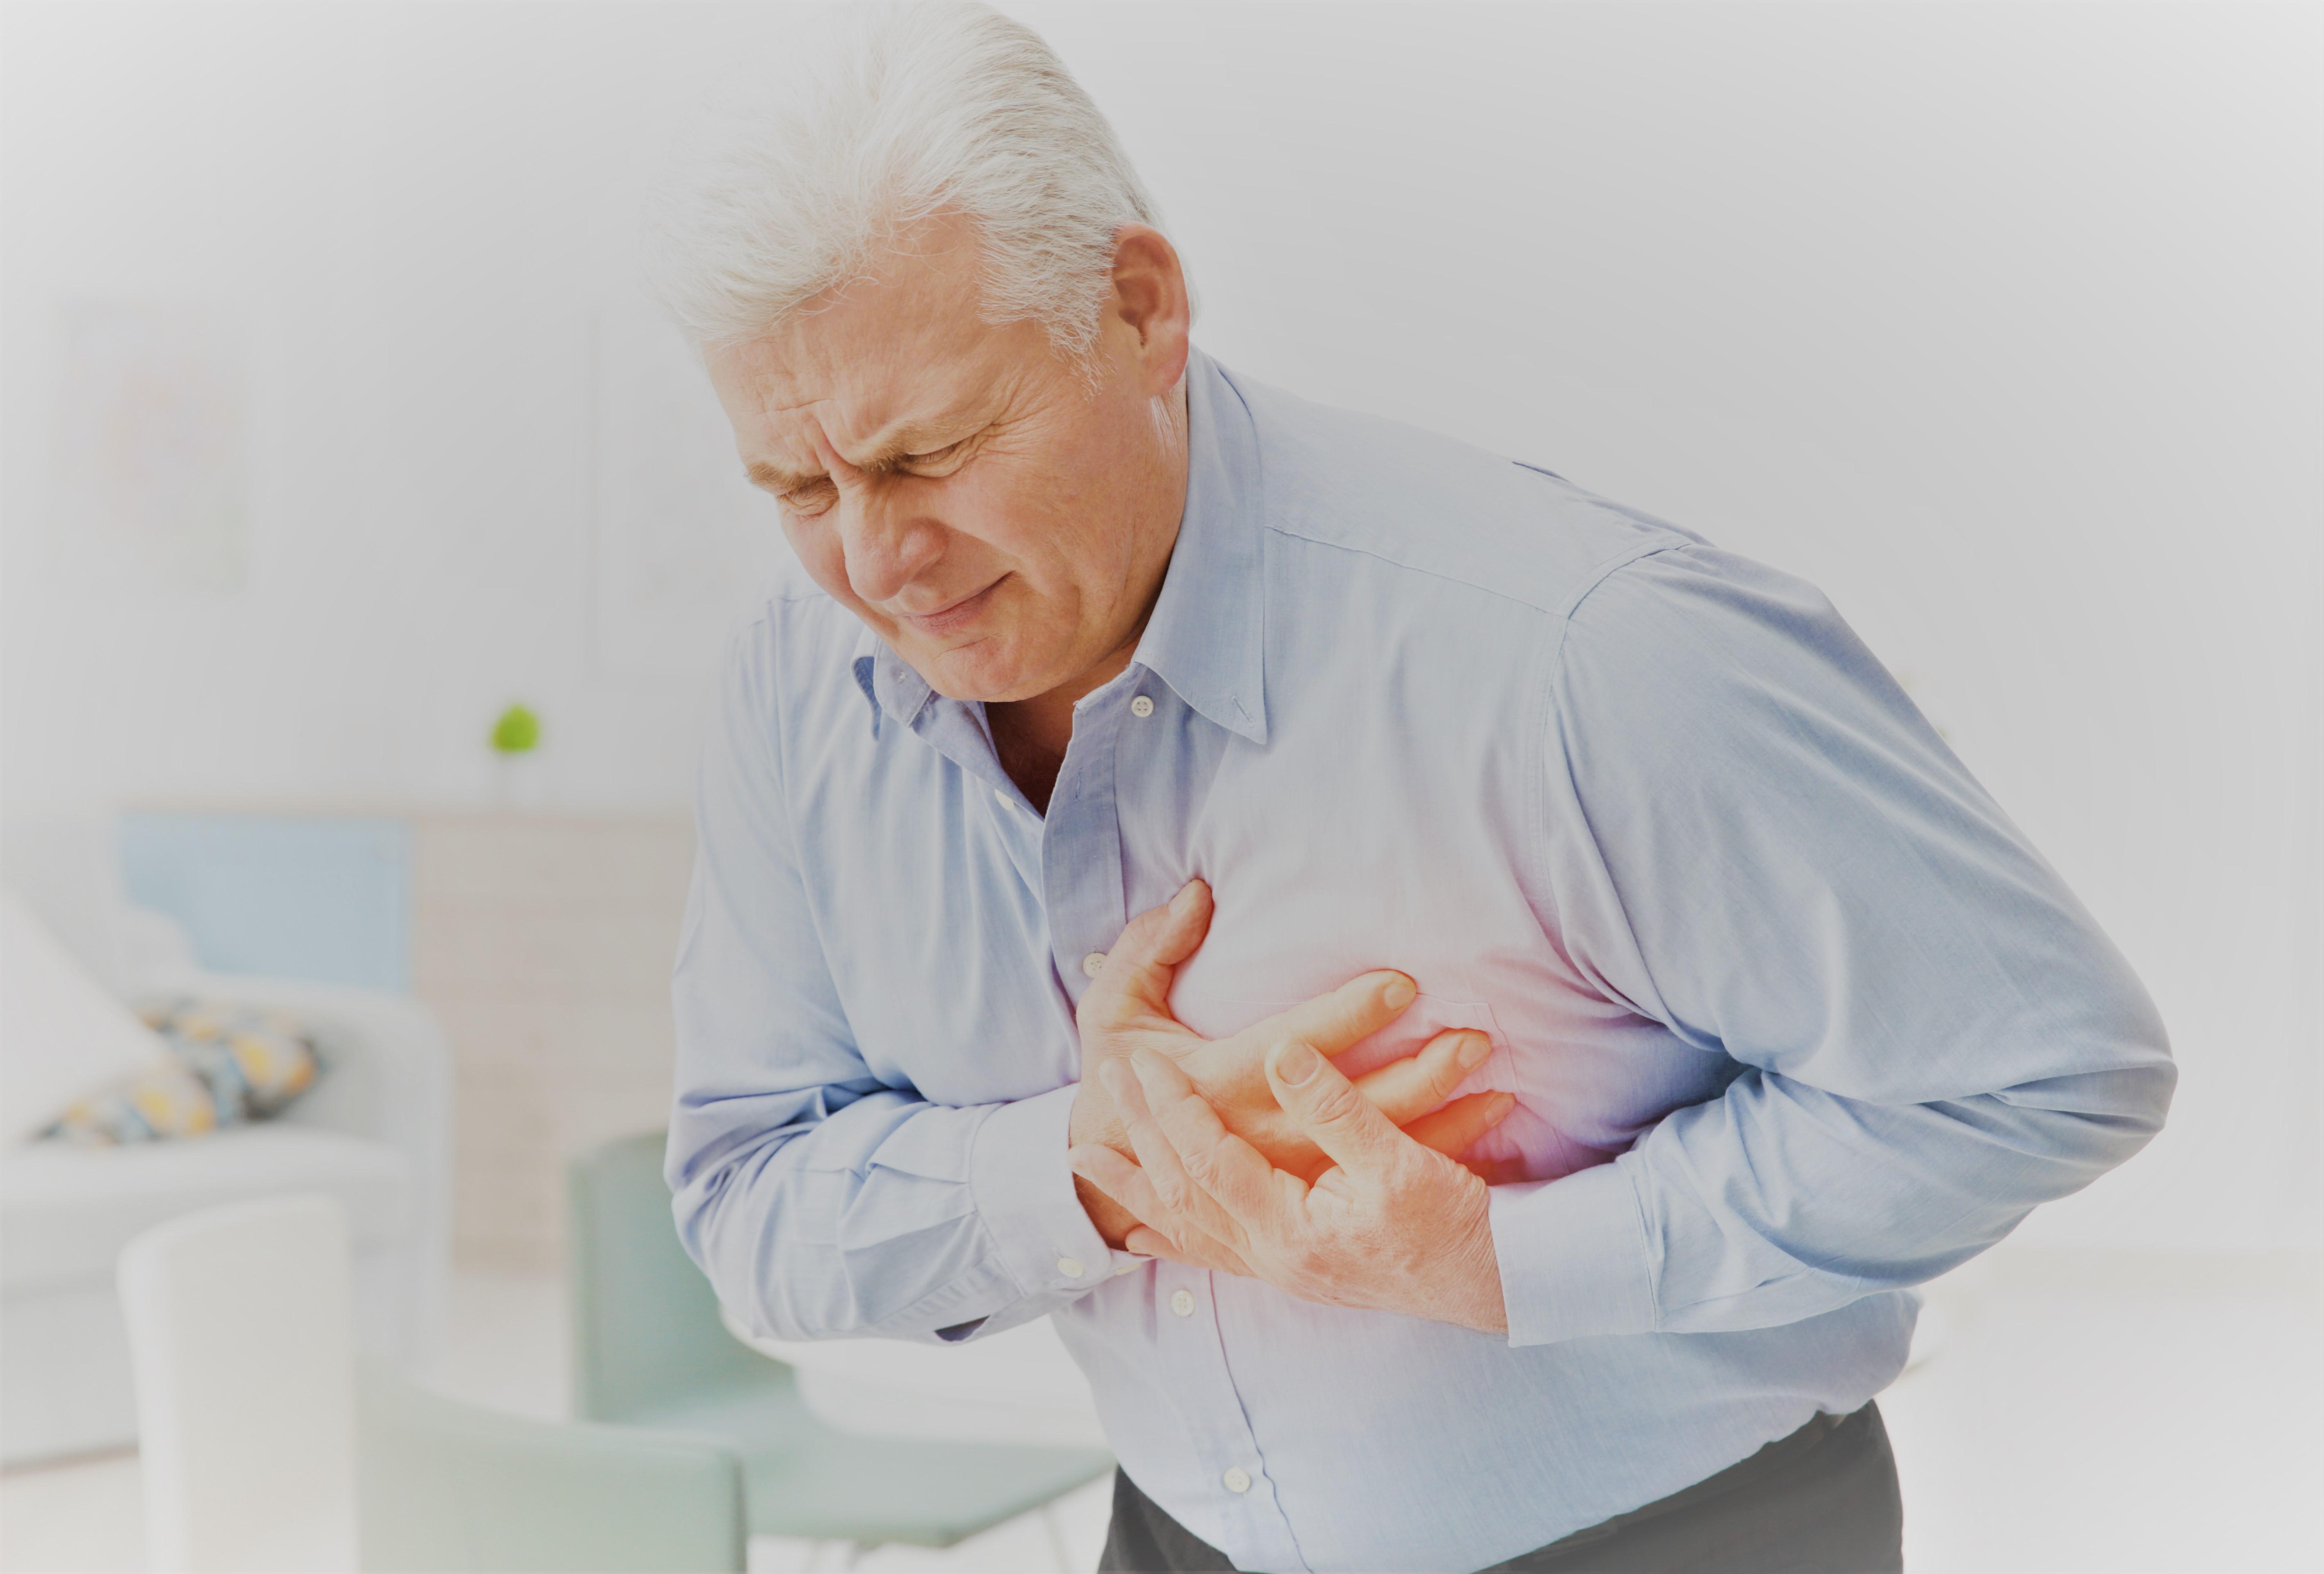 hogyan lehet megszüntetni a fájdalmat a magas vérnyomásban)